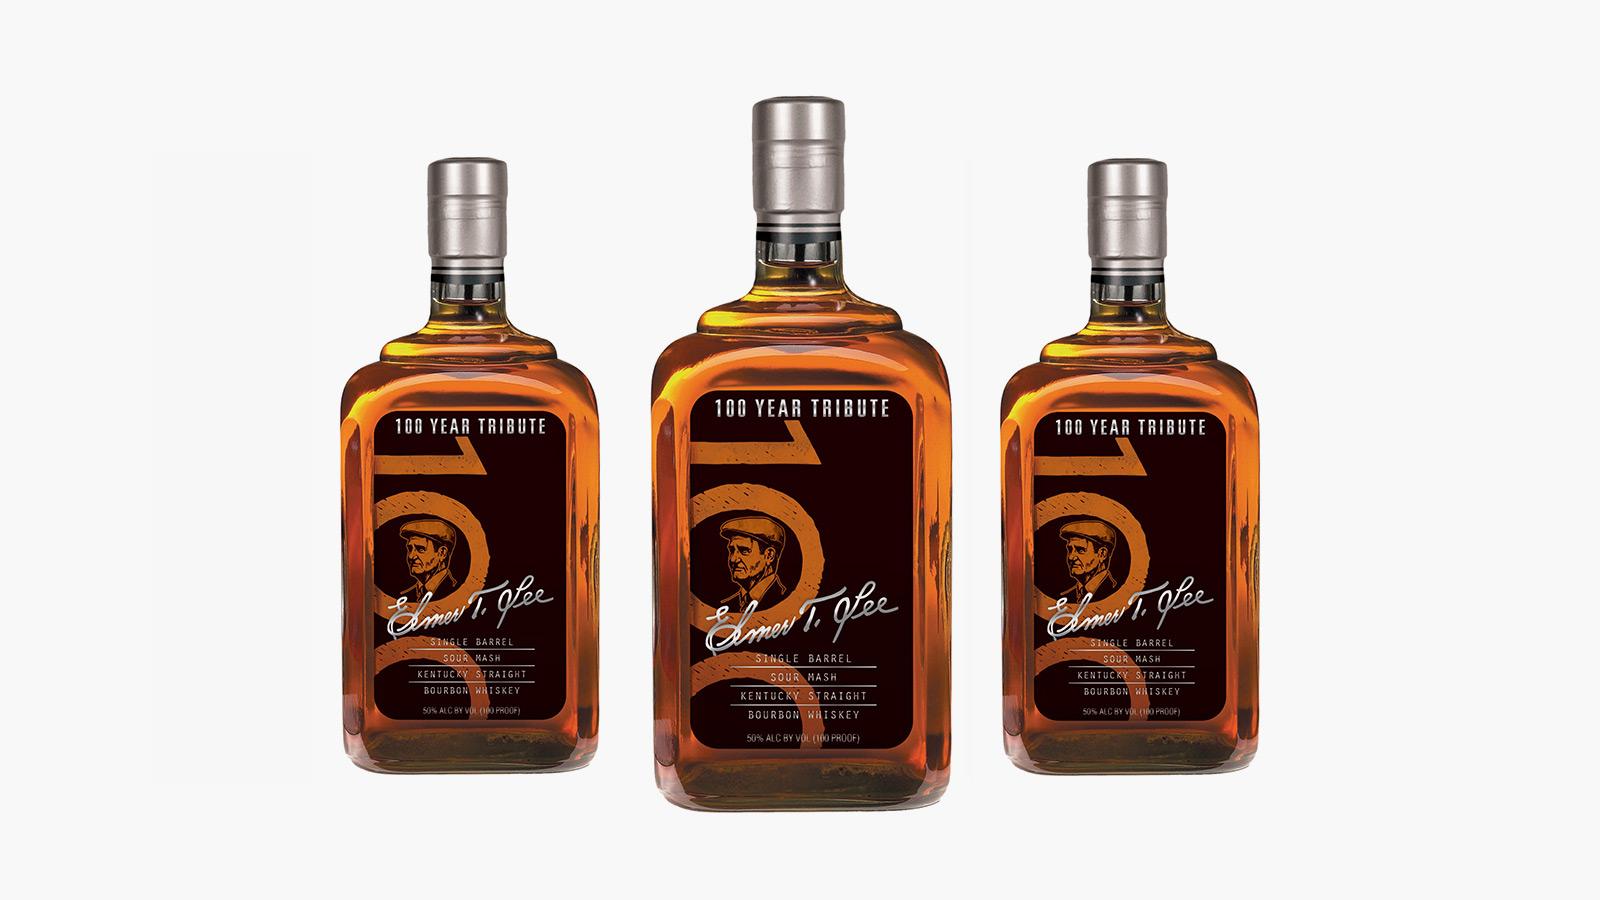 Buffalo Trace Elmer T. Lee 100 Year Tribute Bourbon